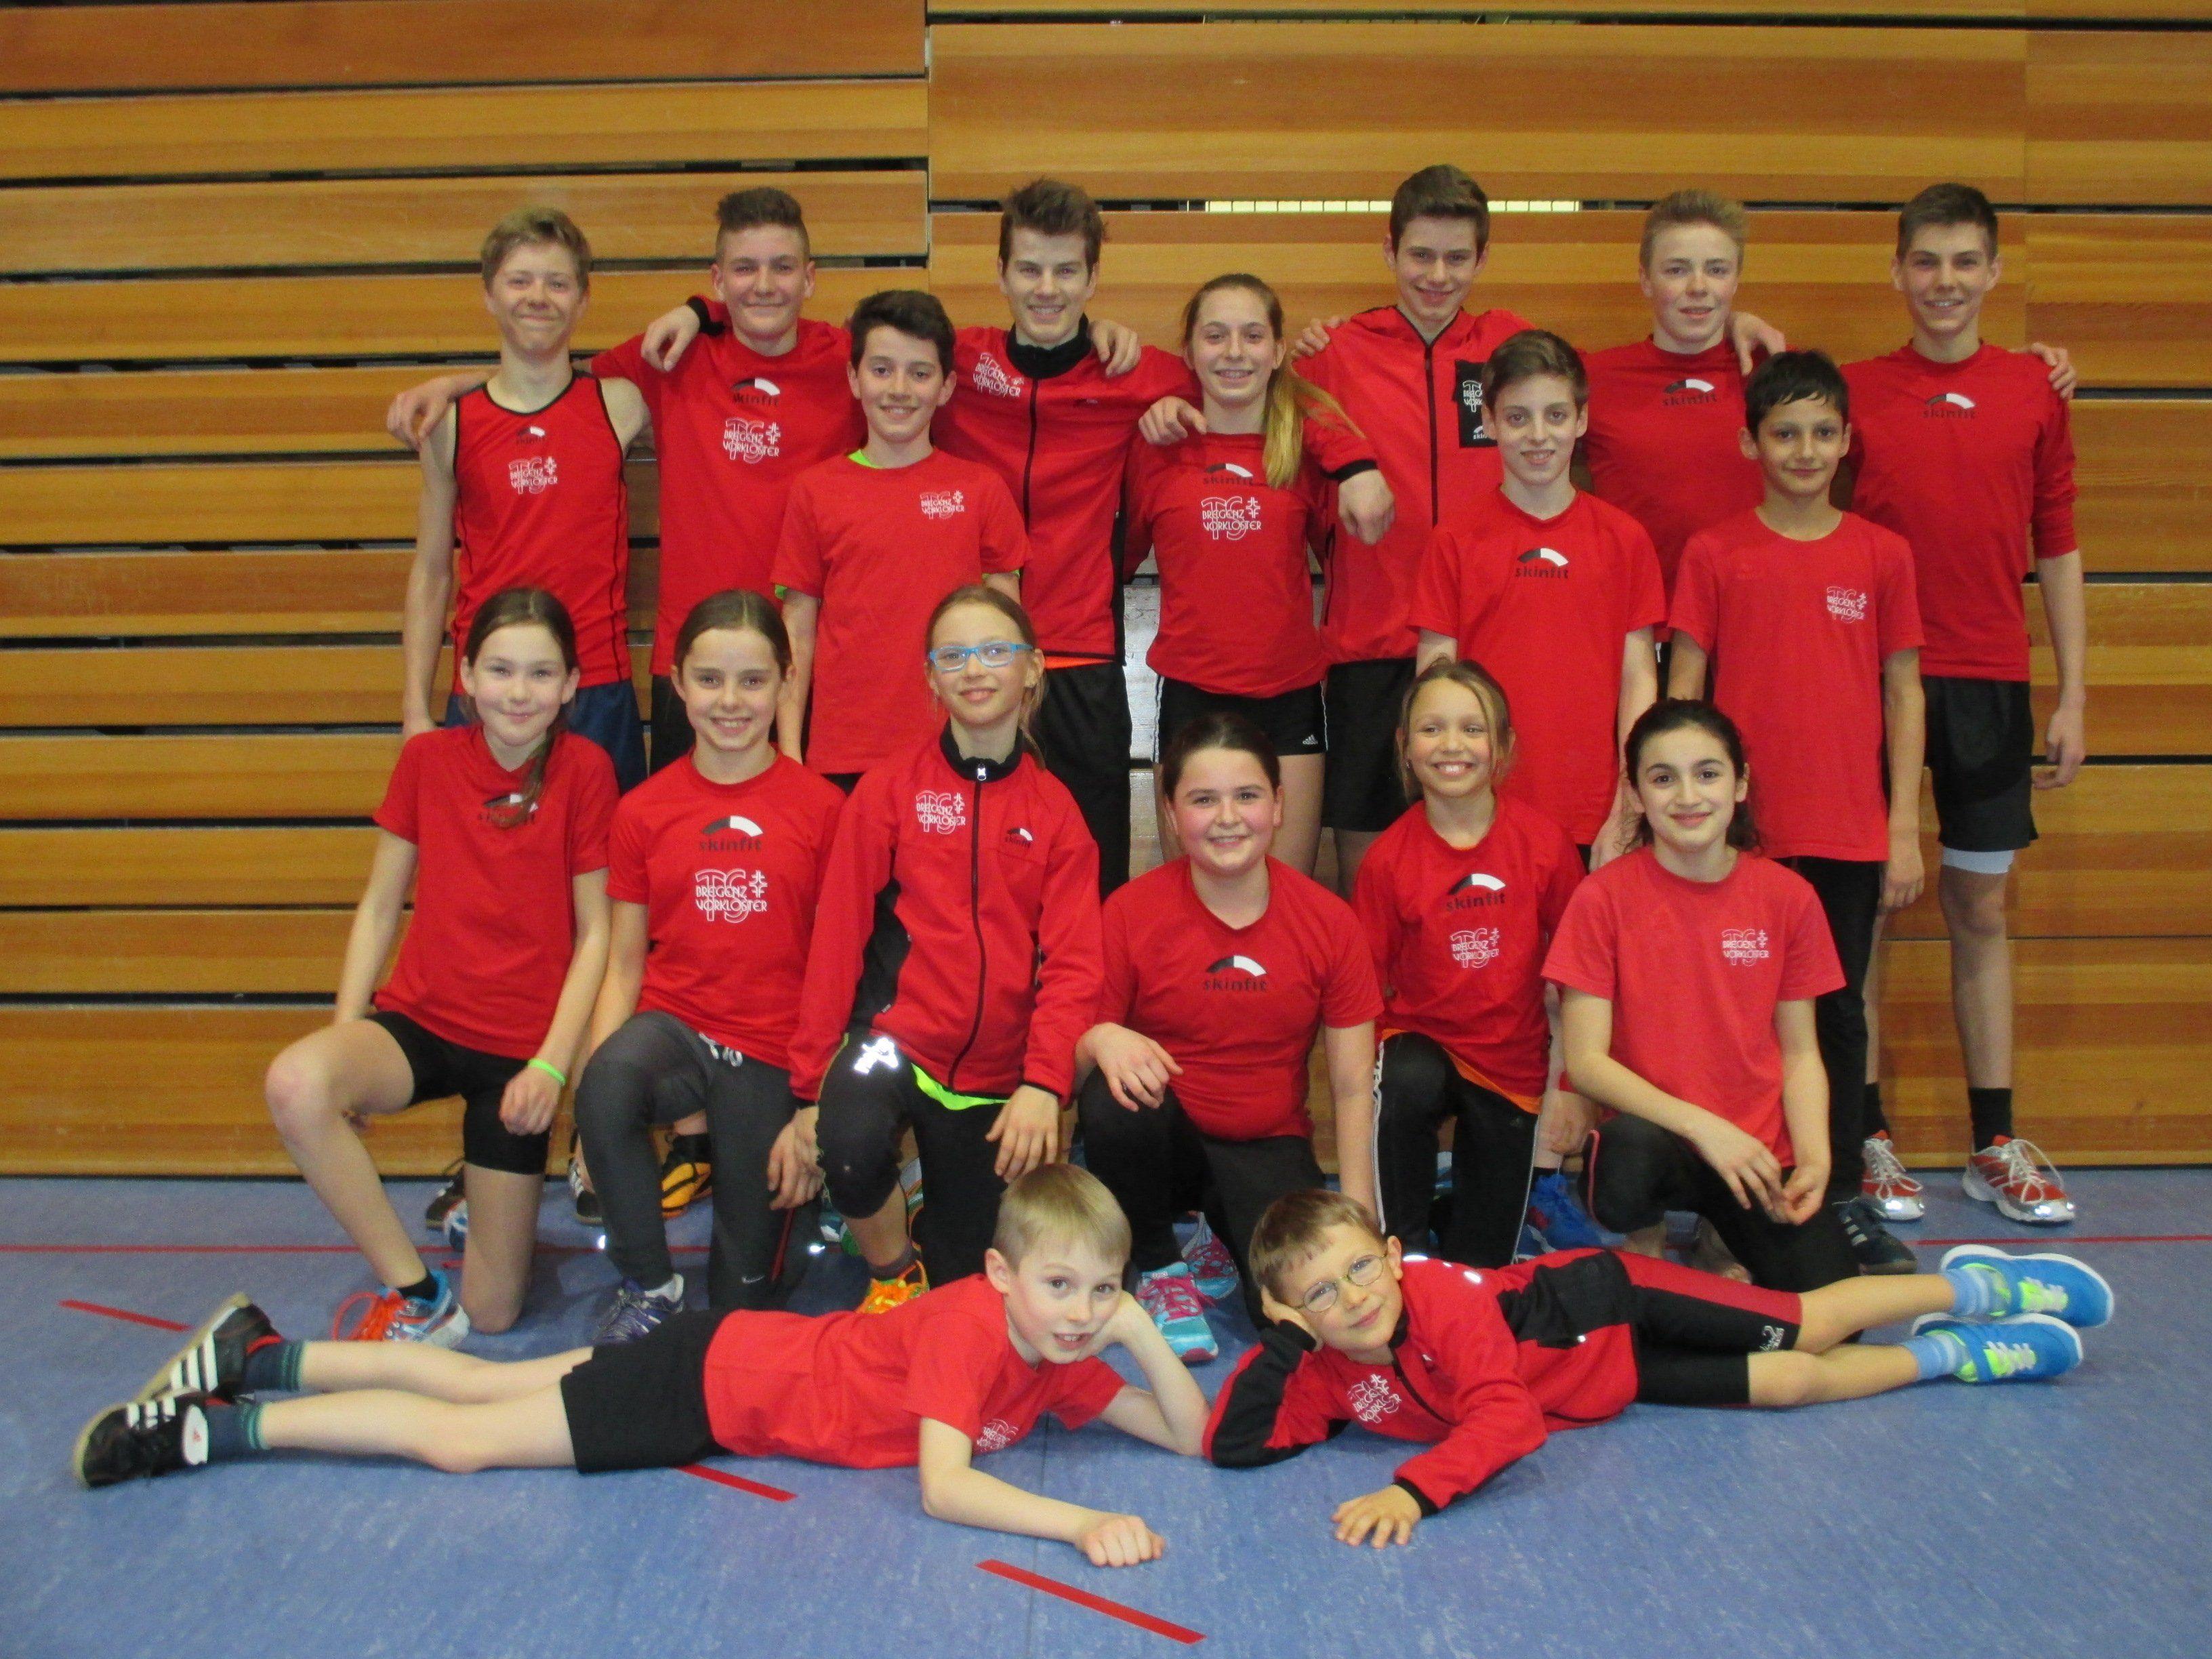 Die Teilnehmer der TS Bregenz-Vorkloster an den Crosslauf-Meisterschaften.